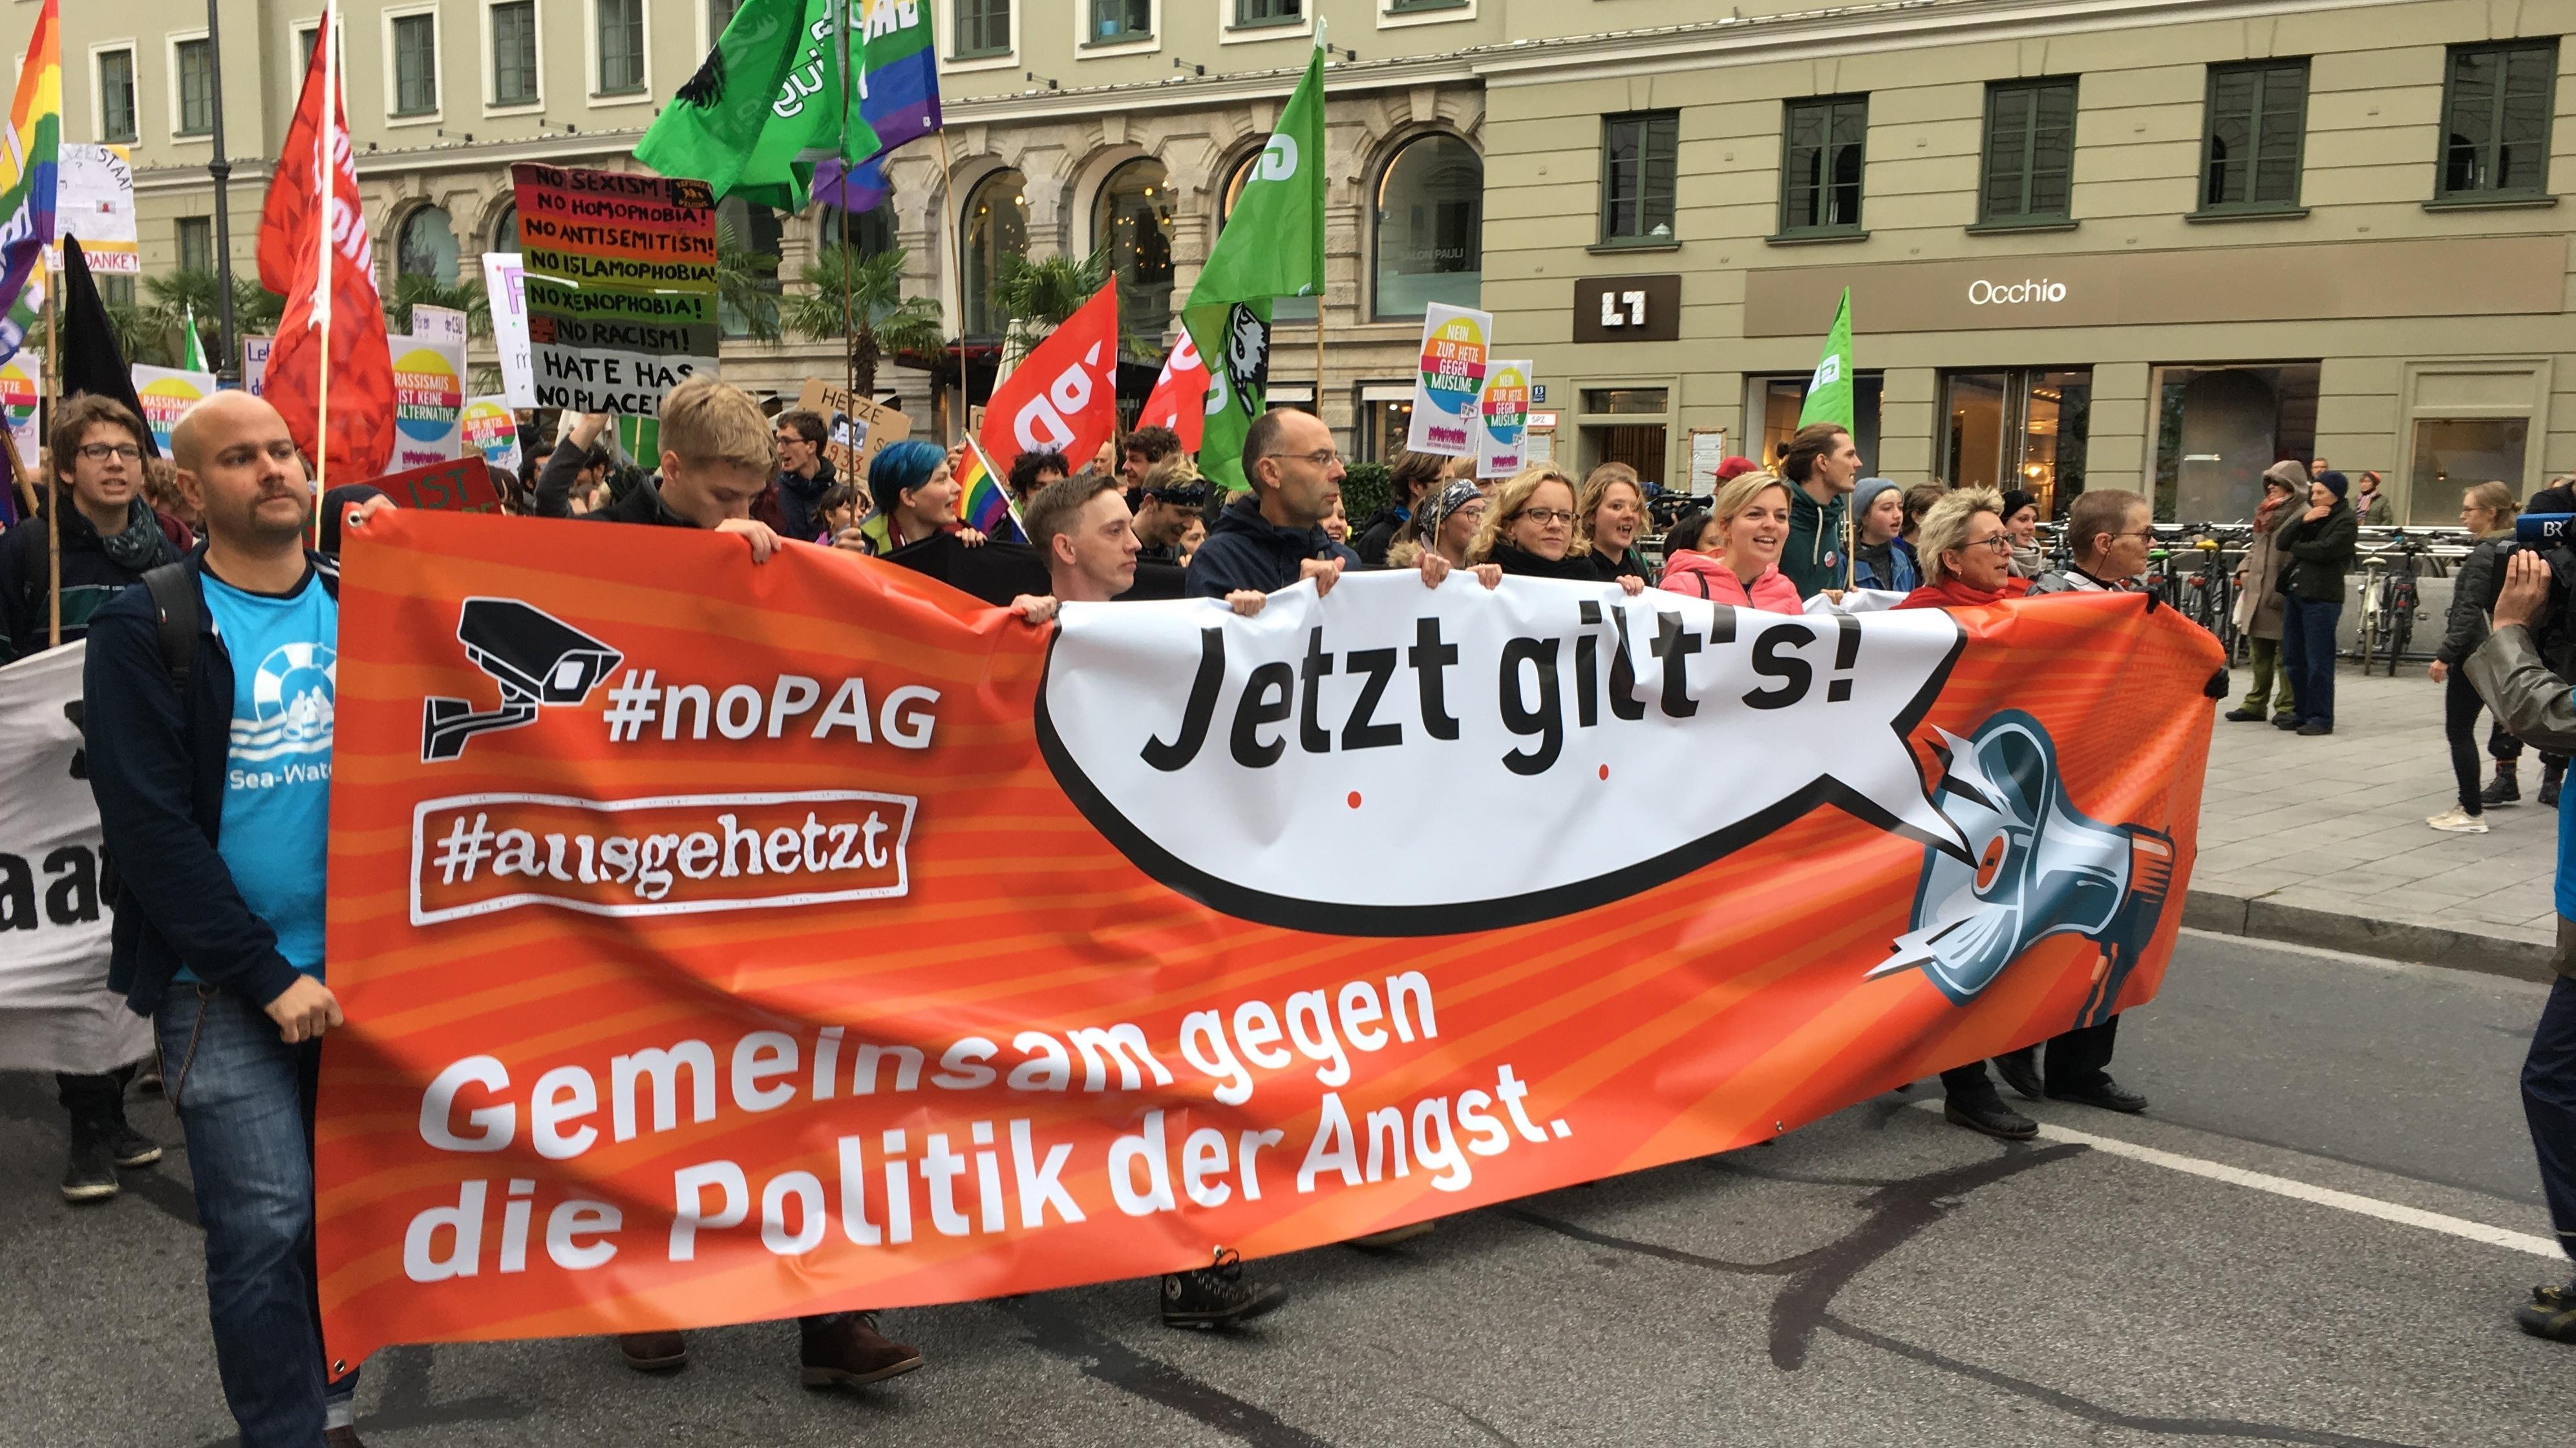 """""""Jetzt gilt's! - Gemeinsam gegen die Politik der Angst"""". Friedliche Demonstranten am Tag der Deutschen Einheit in München"""